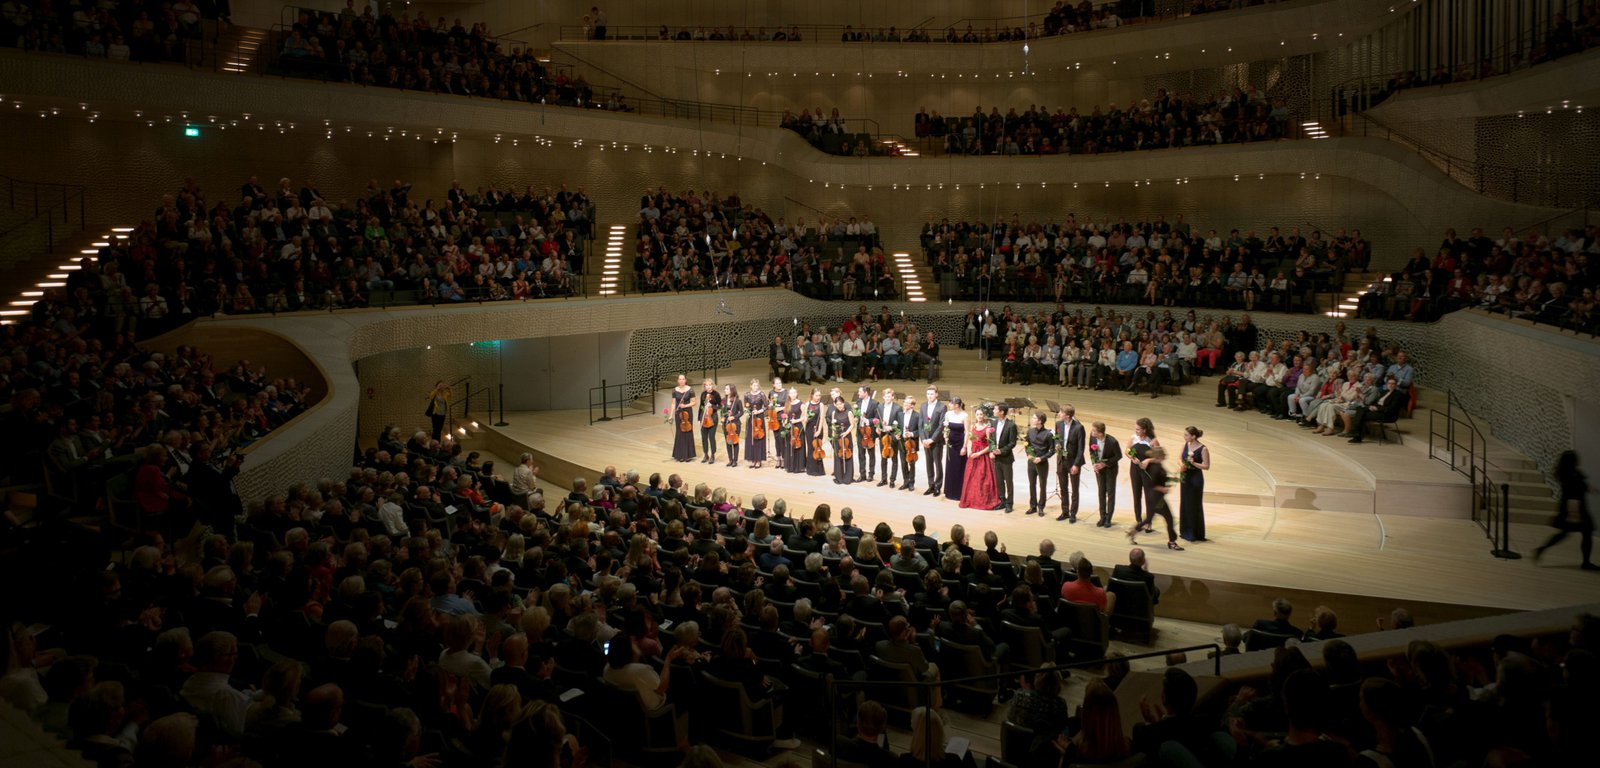 Kammermusikfest der Deutschen Stiftung Musikleben 2018